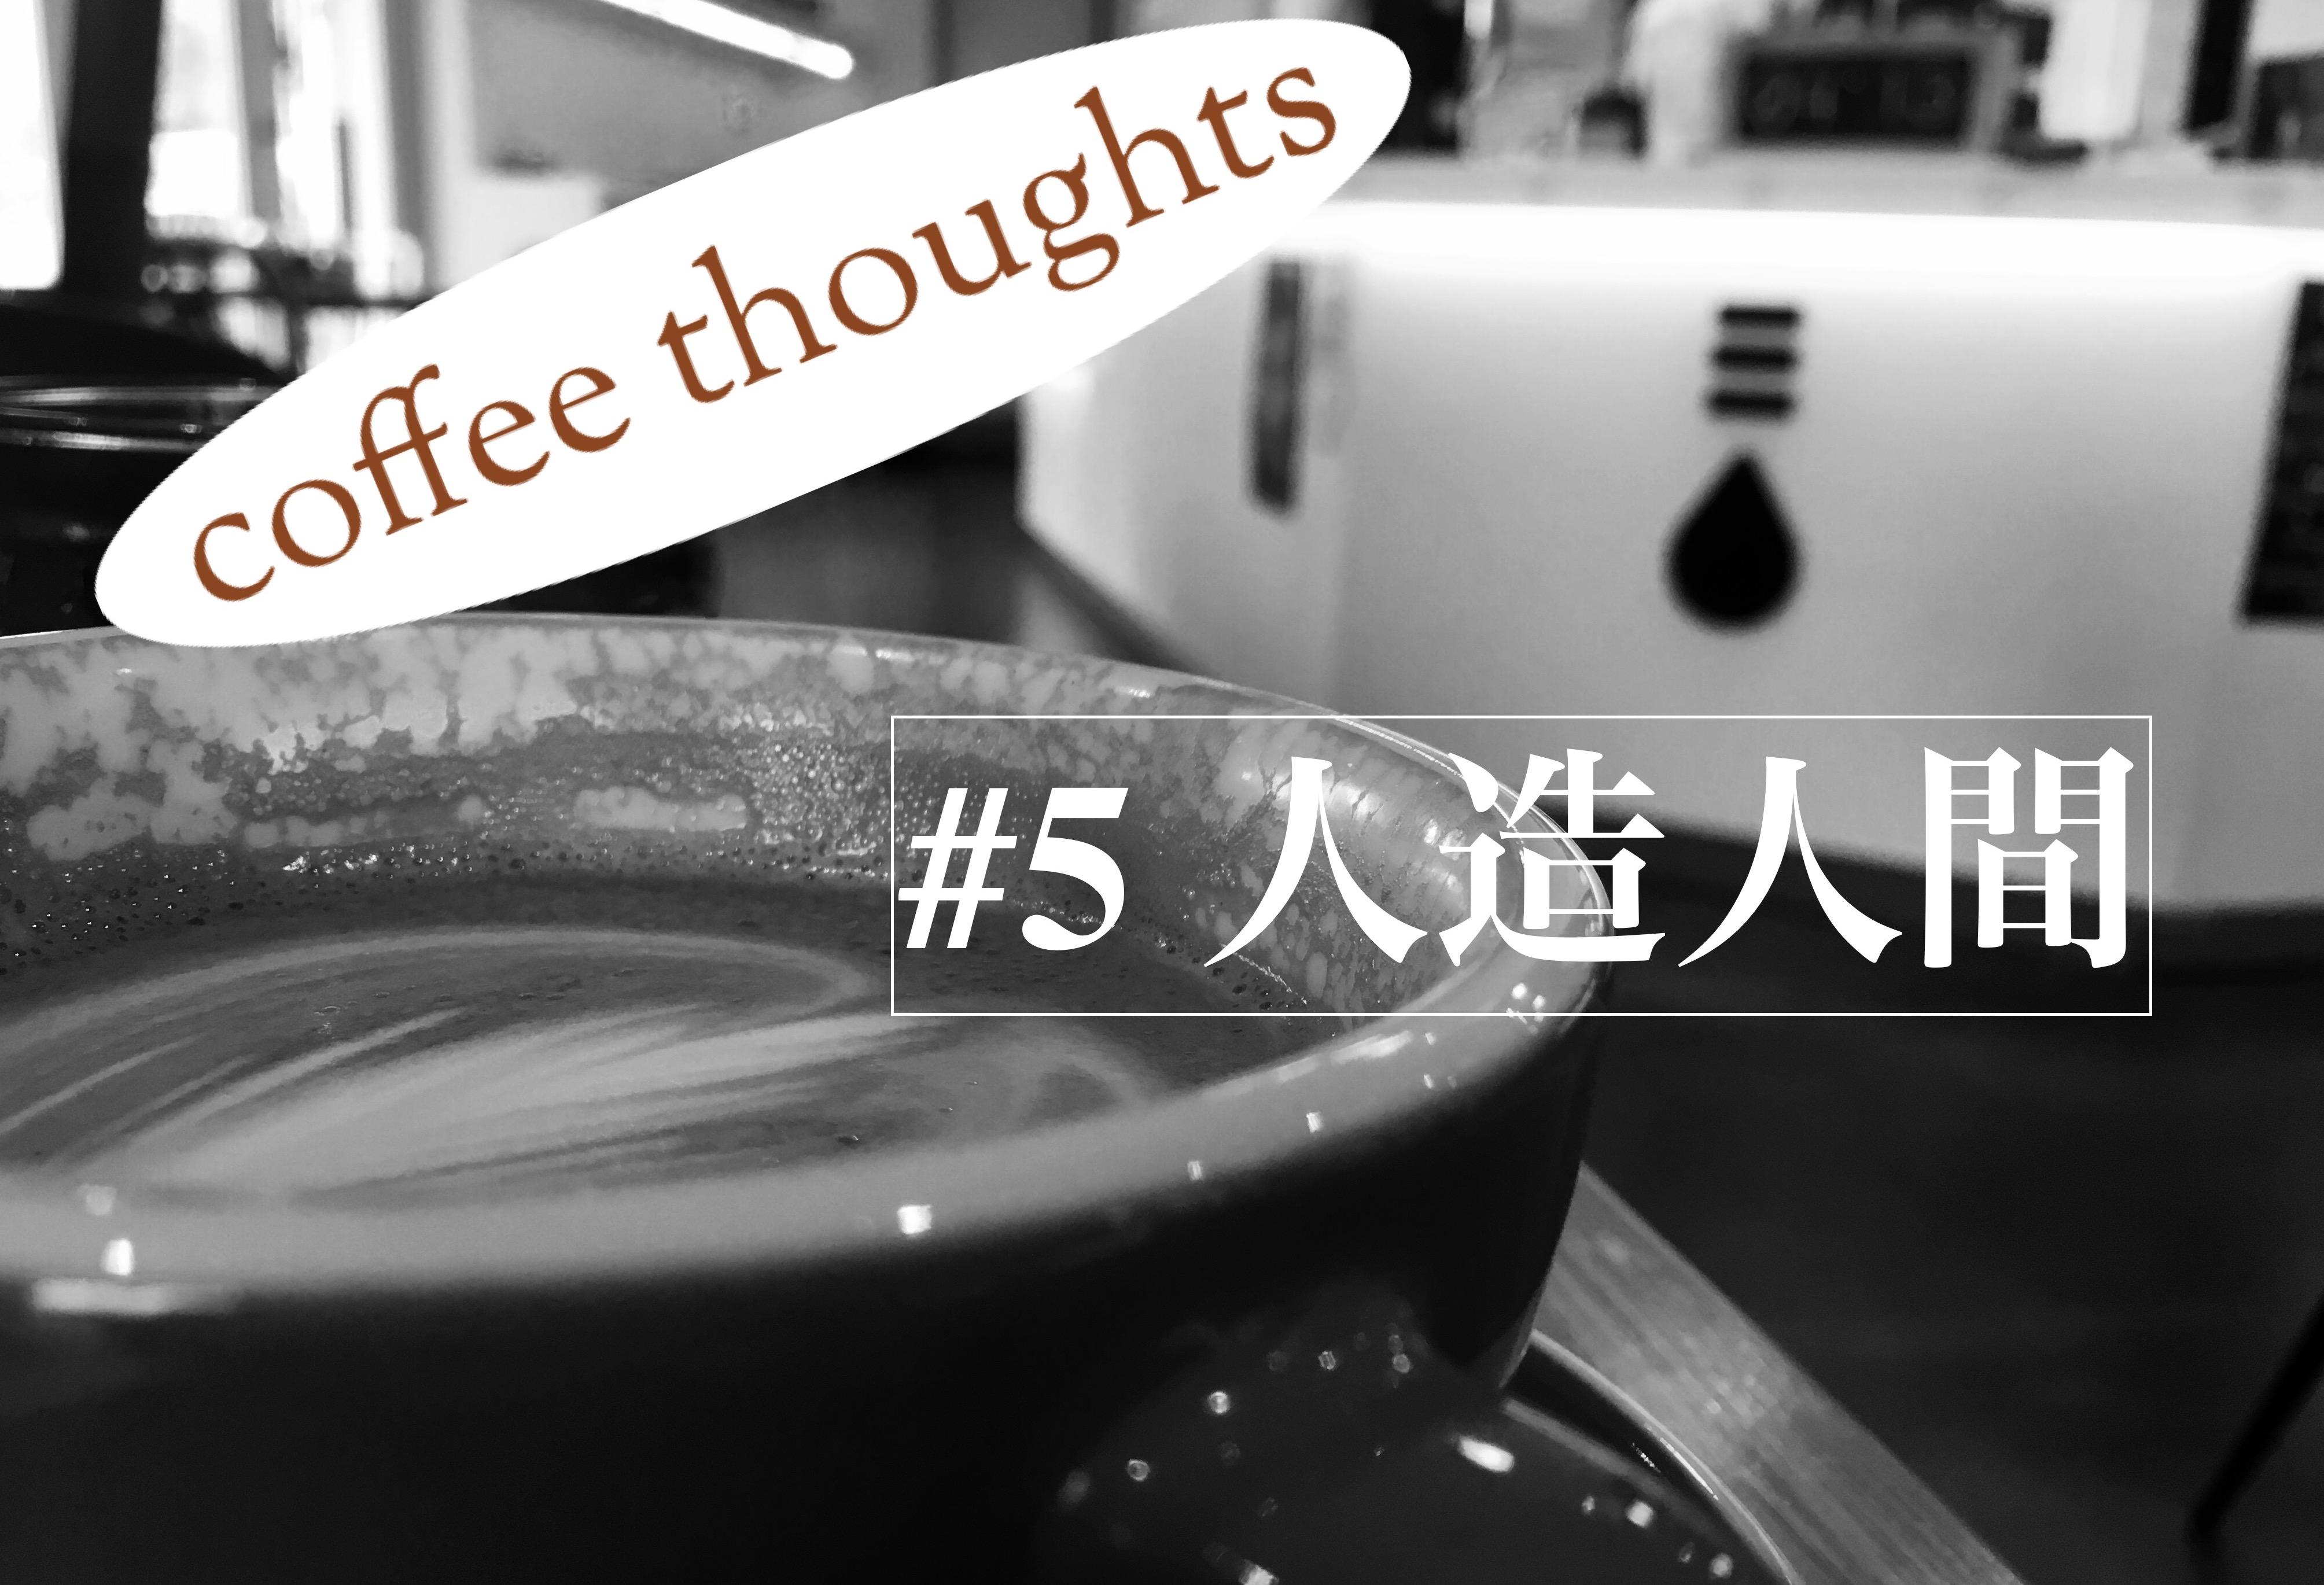 """【coffee thought #5】現人類が""""ホムンクルス""""である可能性を考える"""